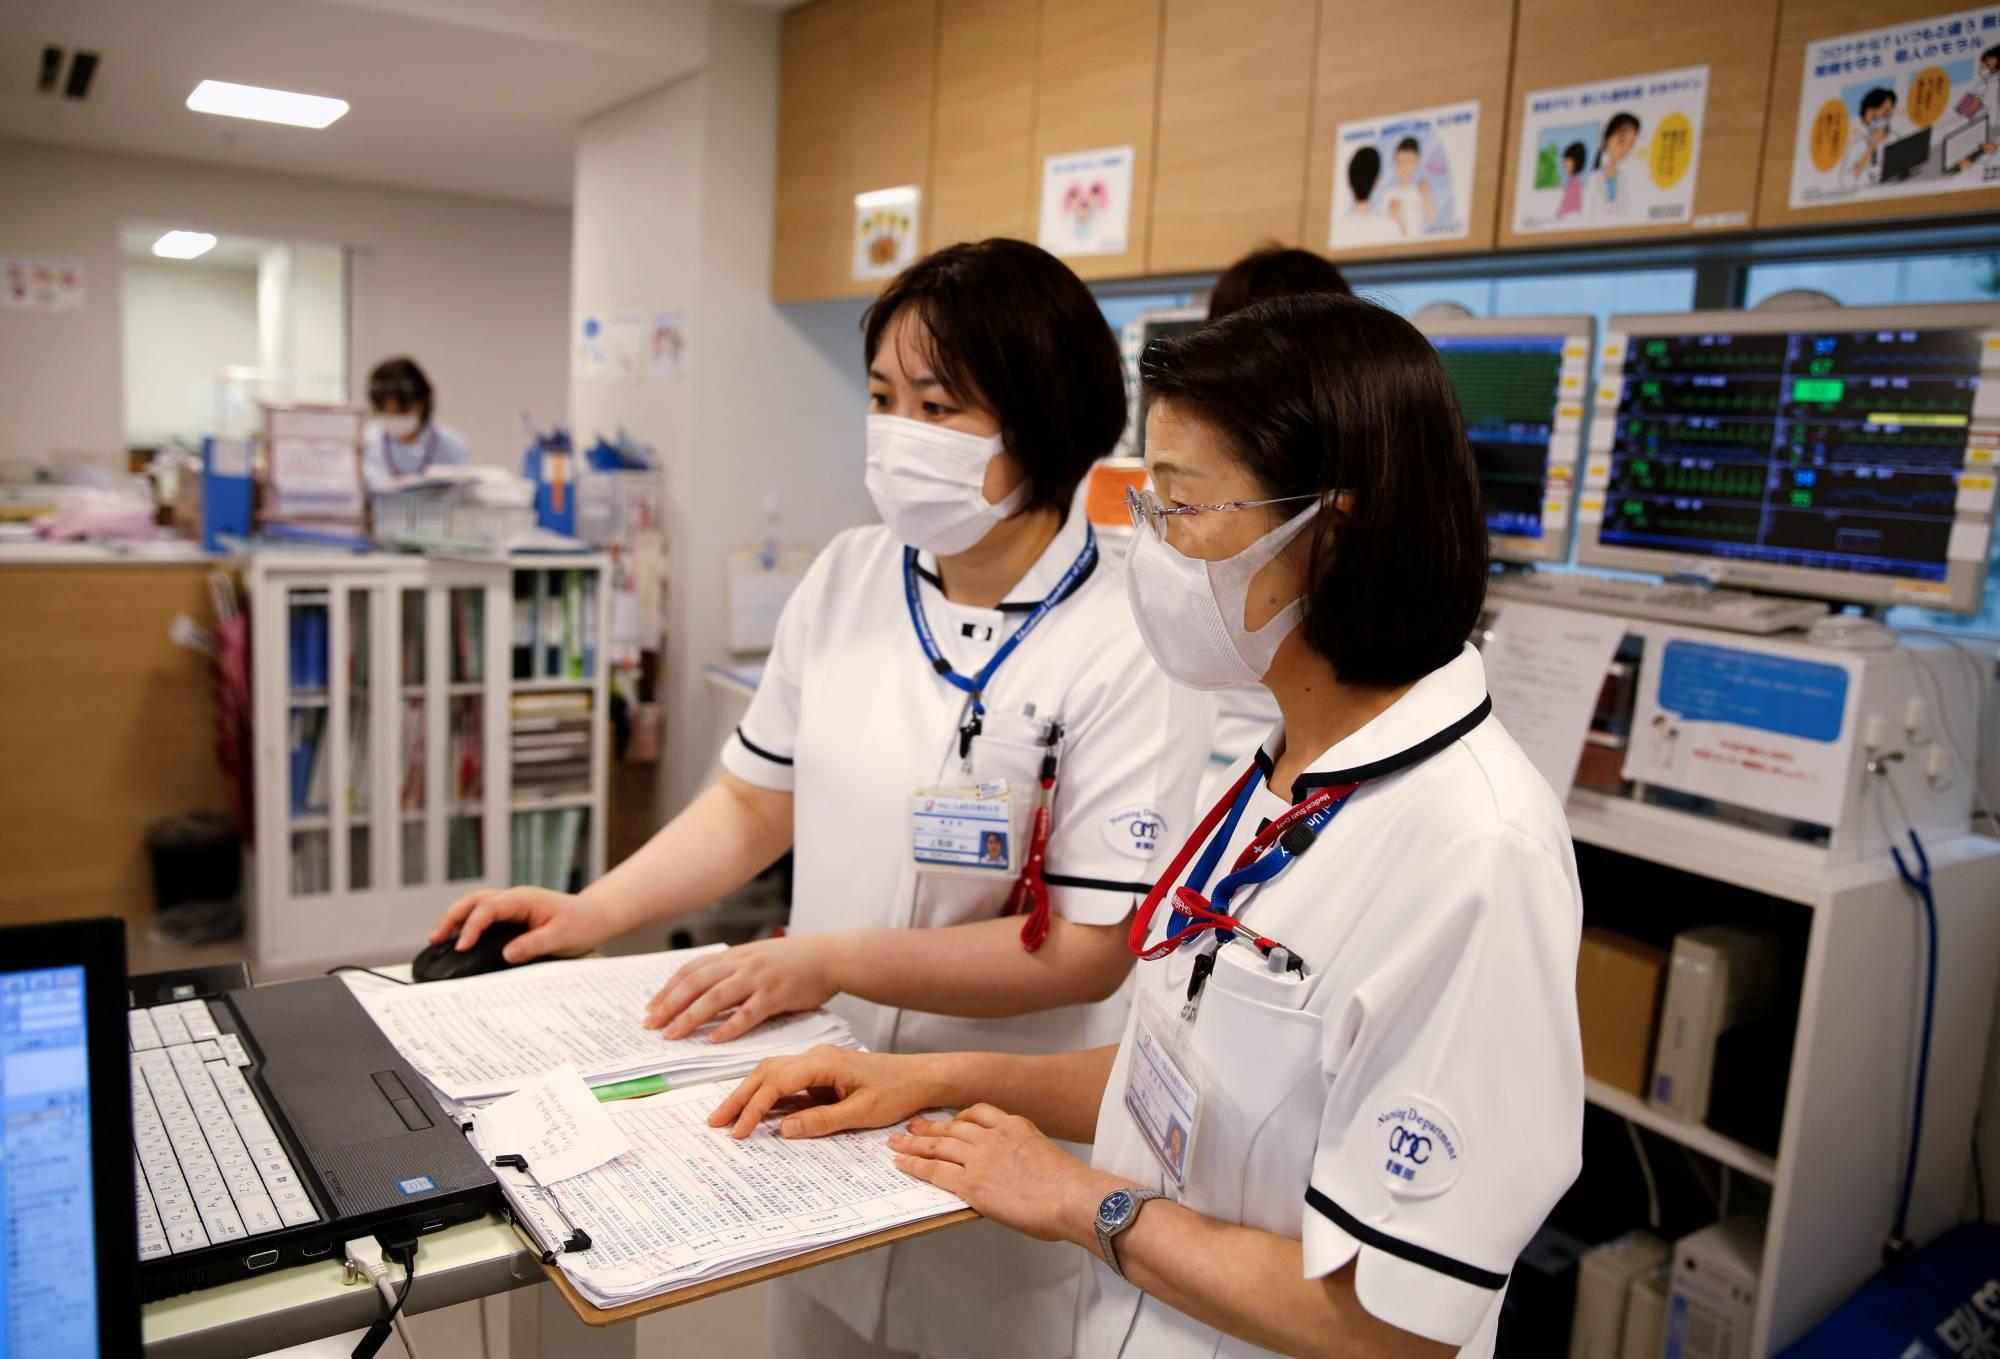 Nhiền nhân viên y tế đang mất tinh thần và muốn bỏ việc.